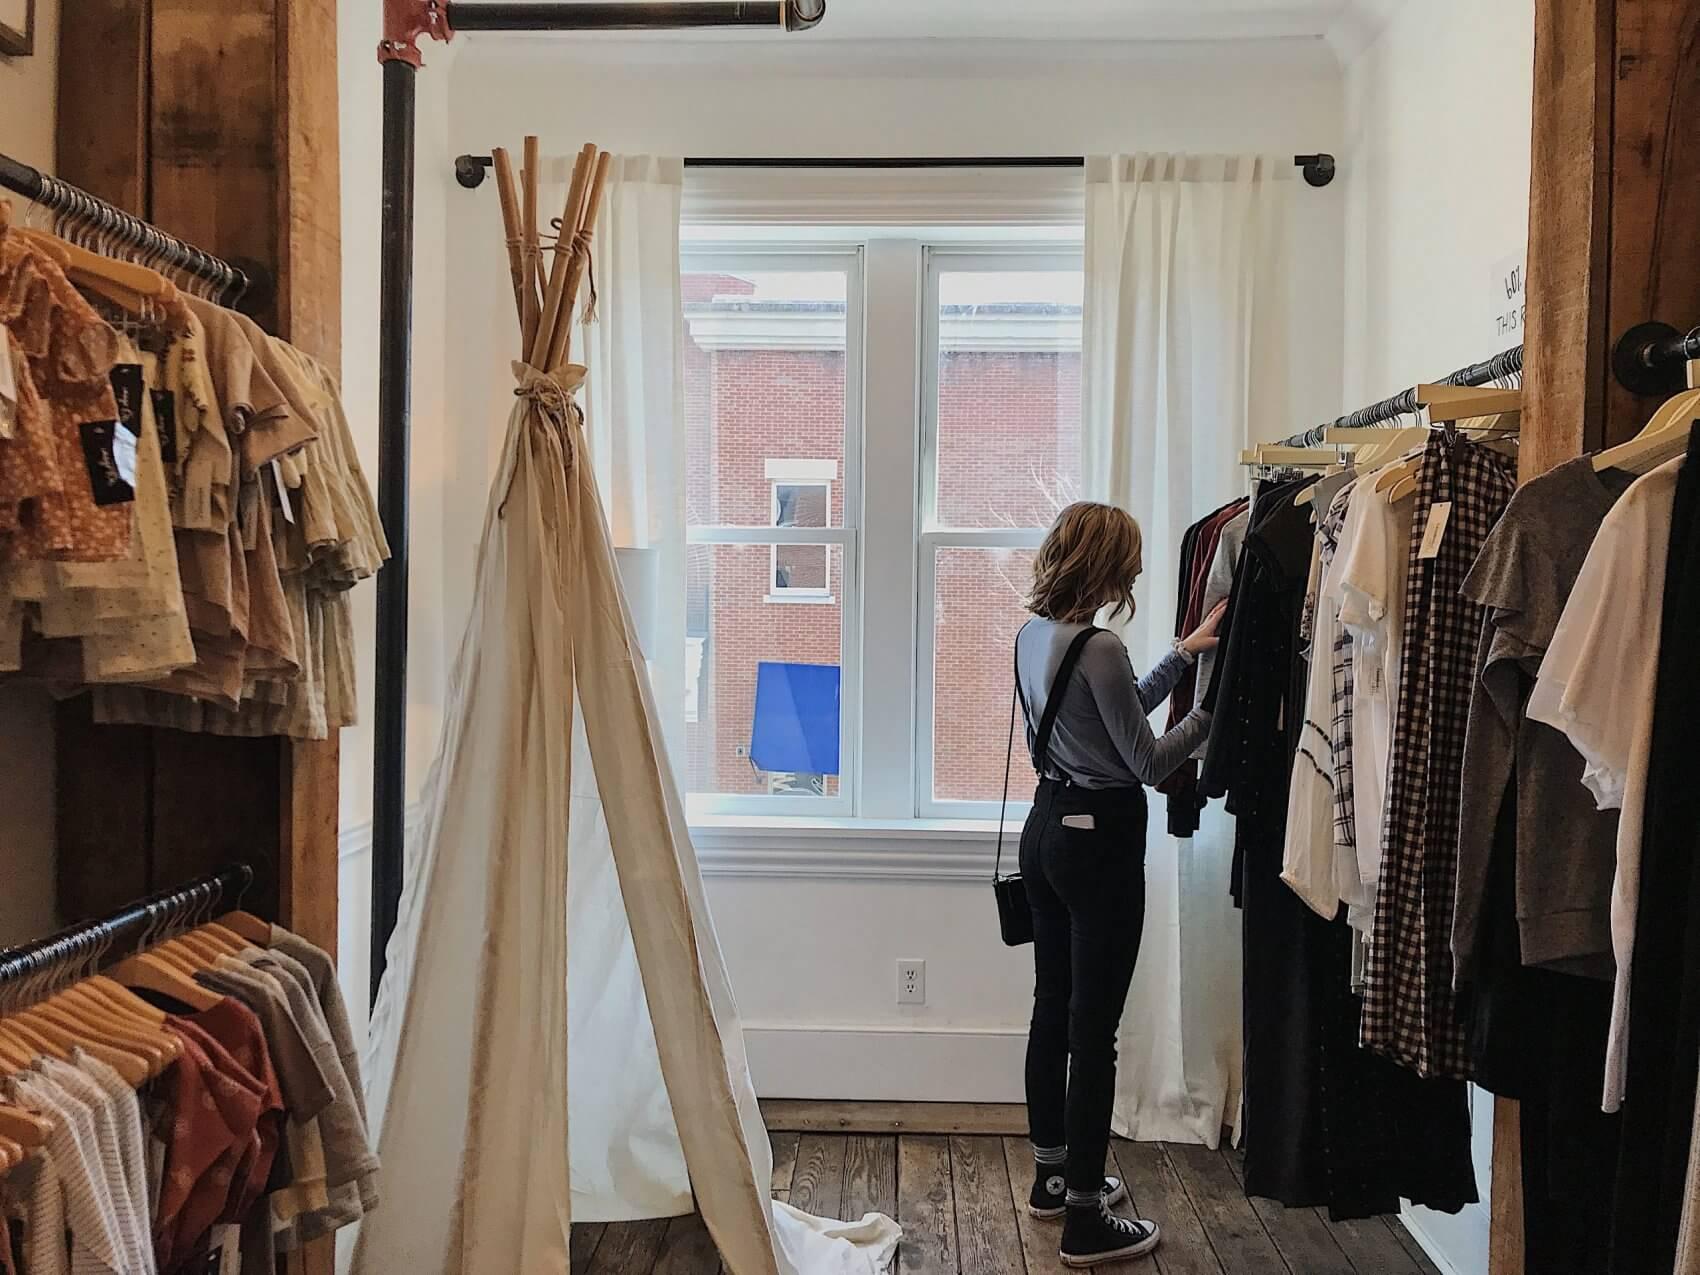 Women Browsing Clothing Store